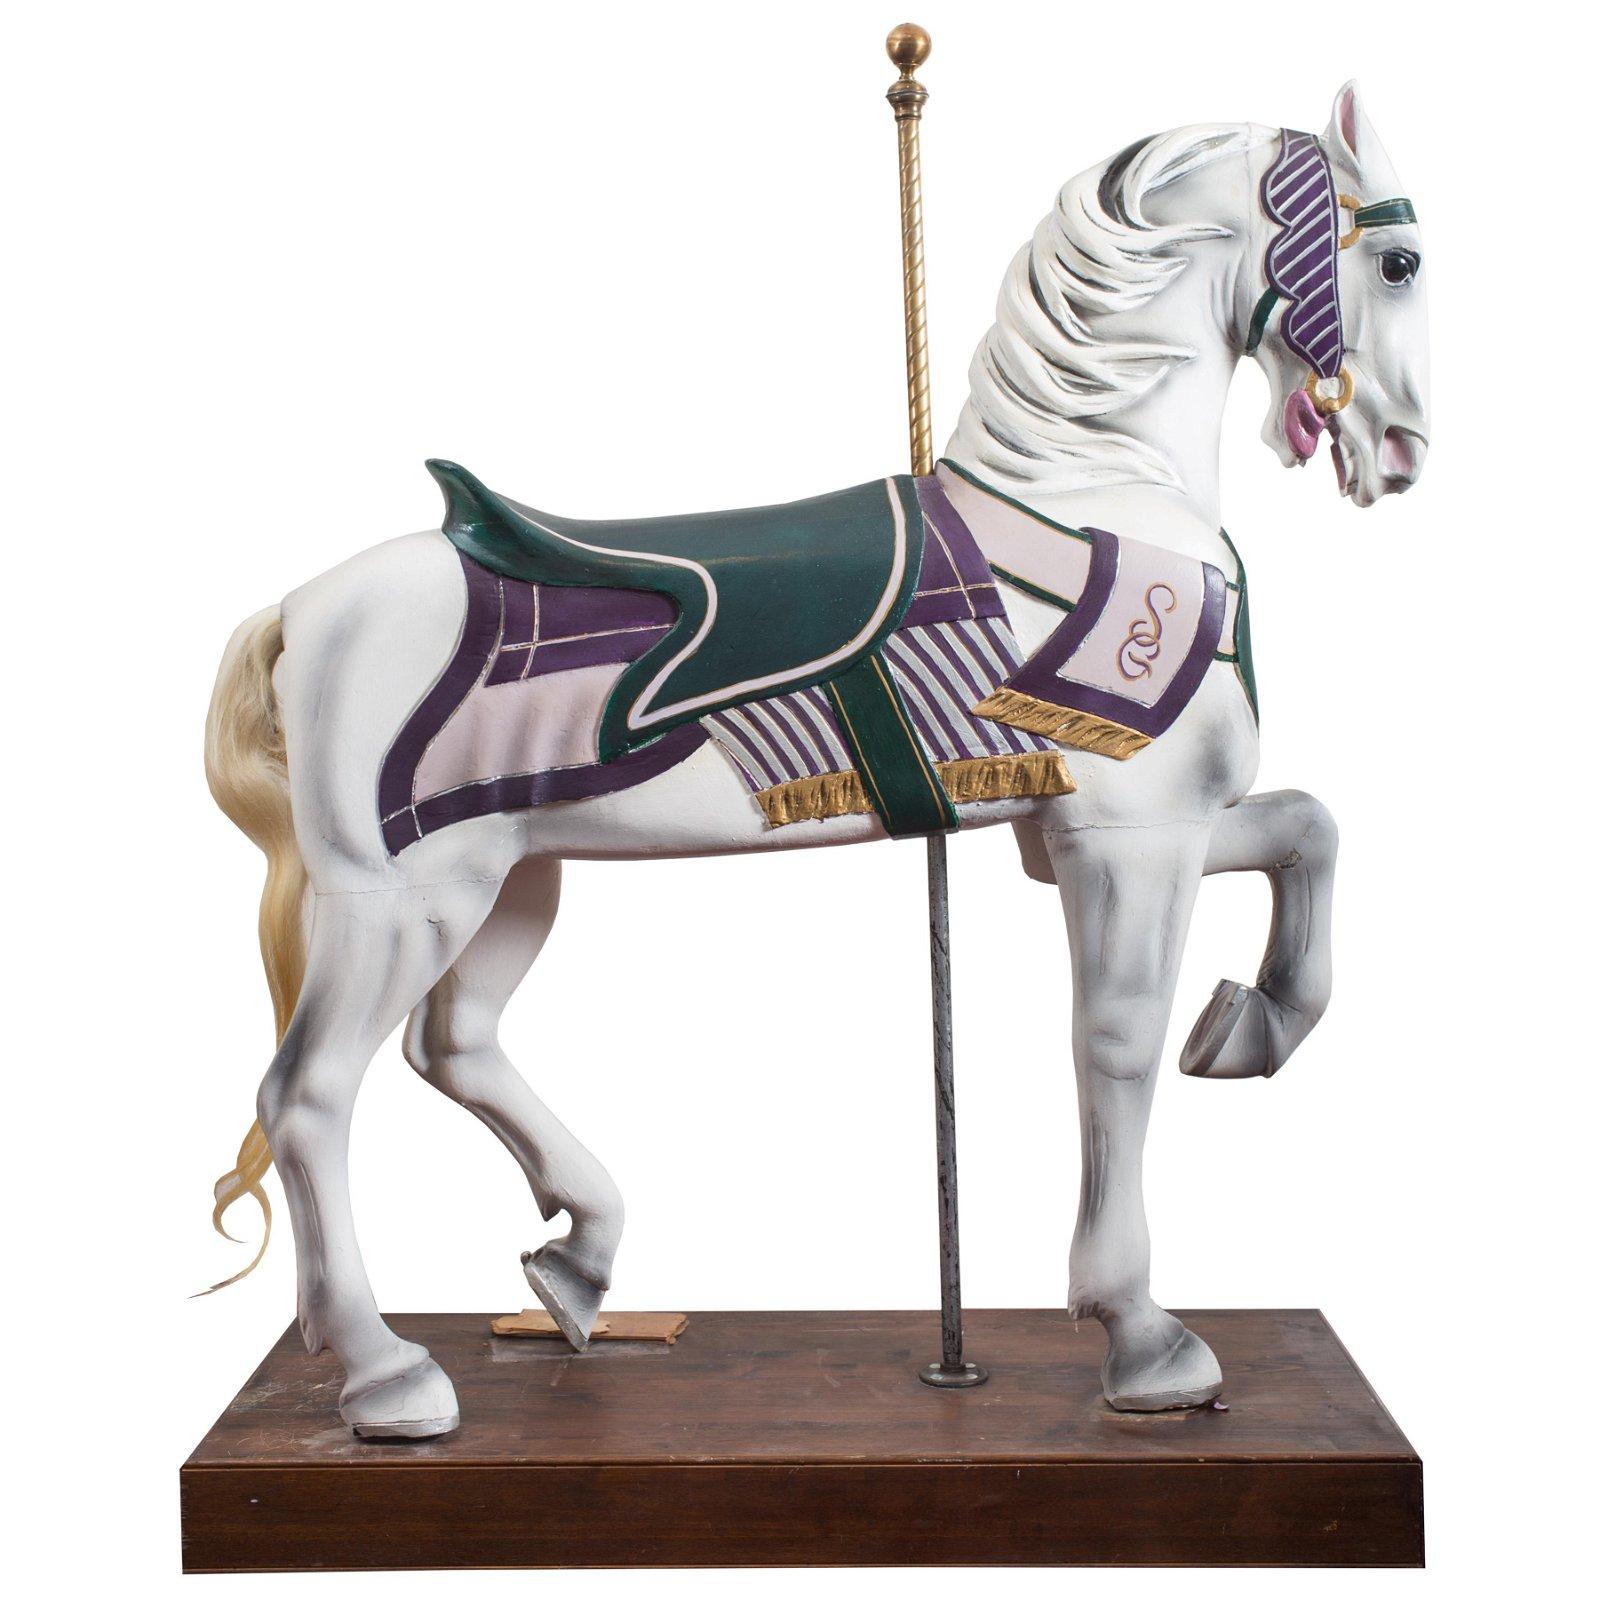 STEIN & GOLDSTEIN STANDER CAROUSEL HORSE